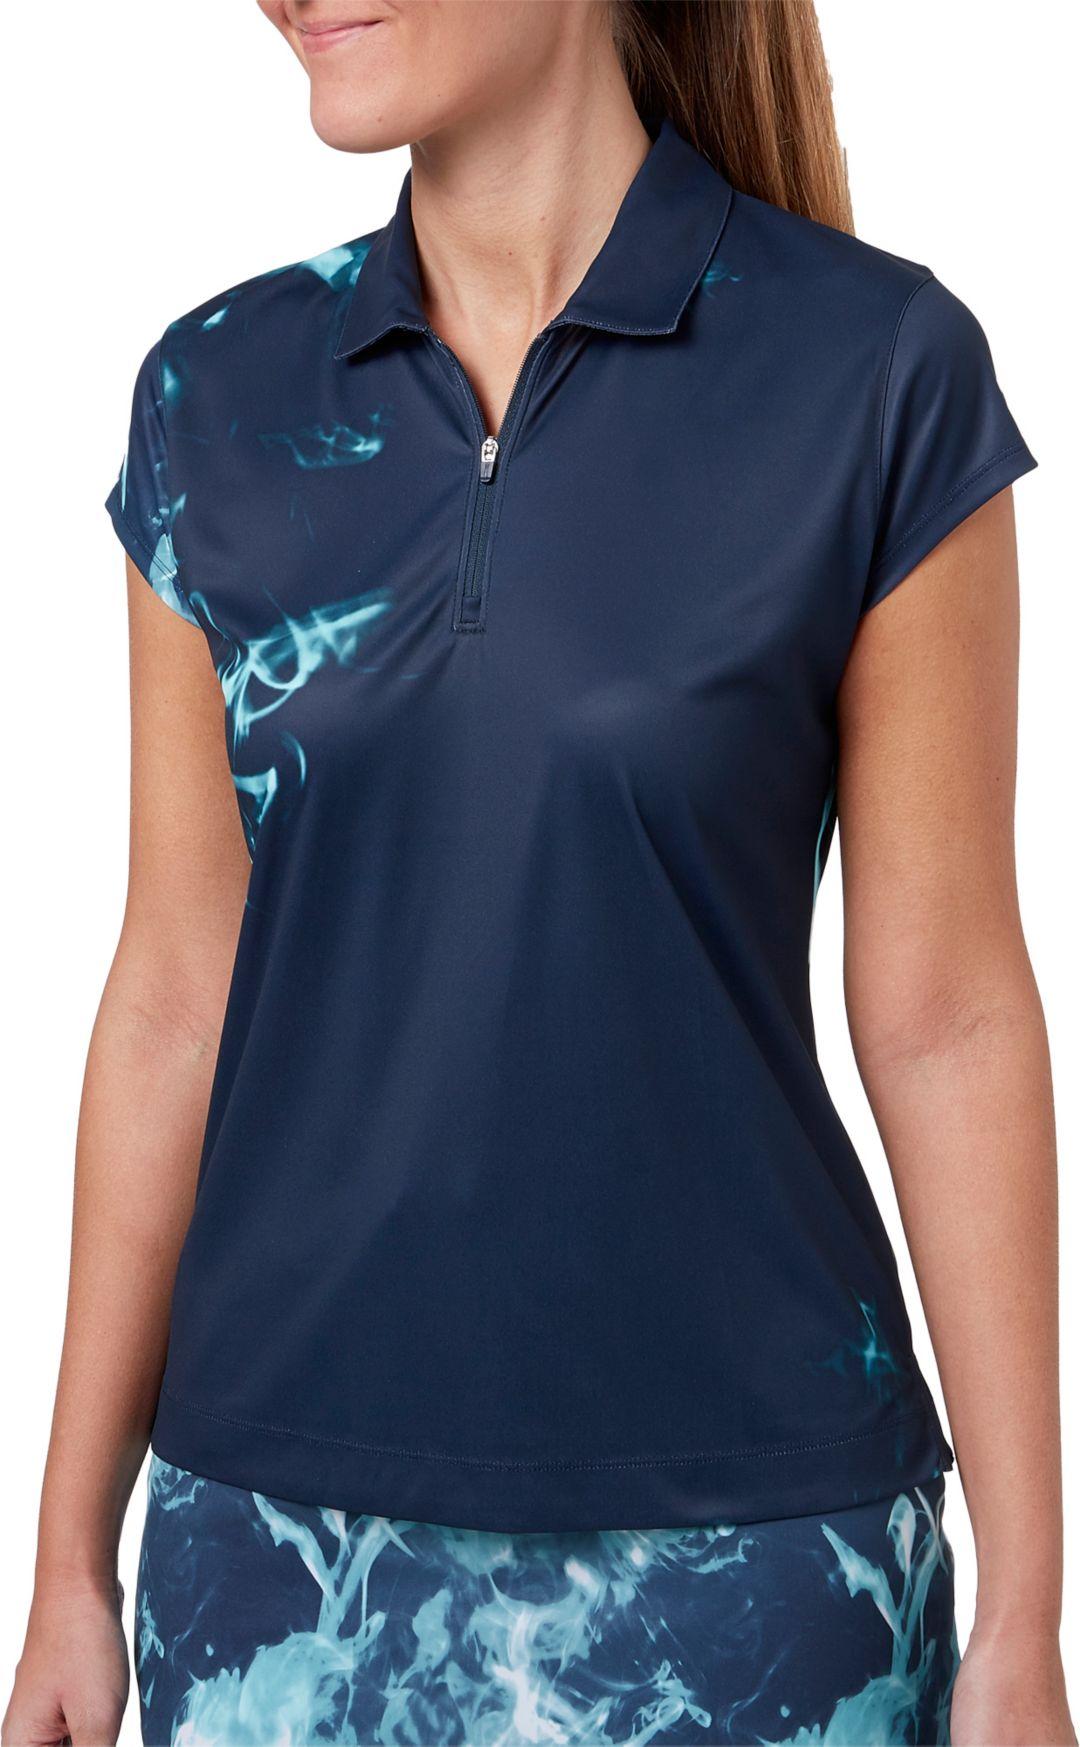 8ba35fa4a0 Slazenger Women's Vapor Smoke Printed Golf Polo. noImageFound. Previous